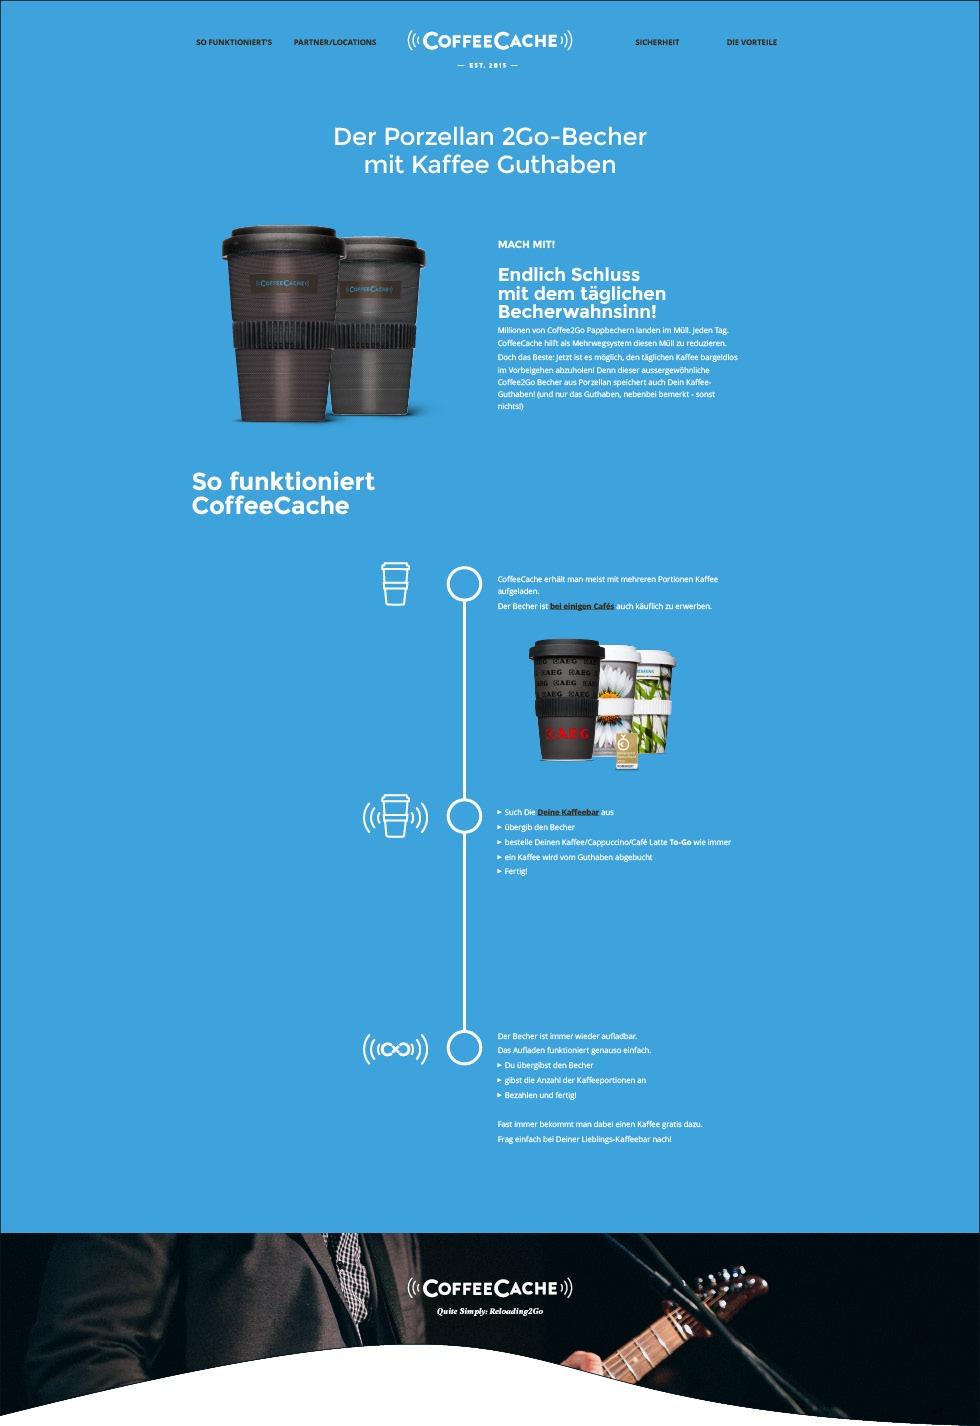 CoffeeCache der Porzellan 2Go-Becher mit Kaffee Guthaben